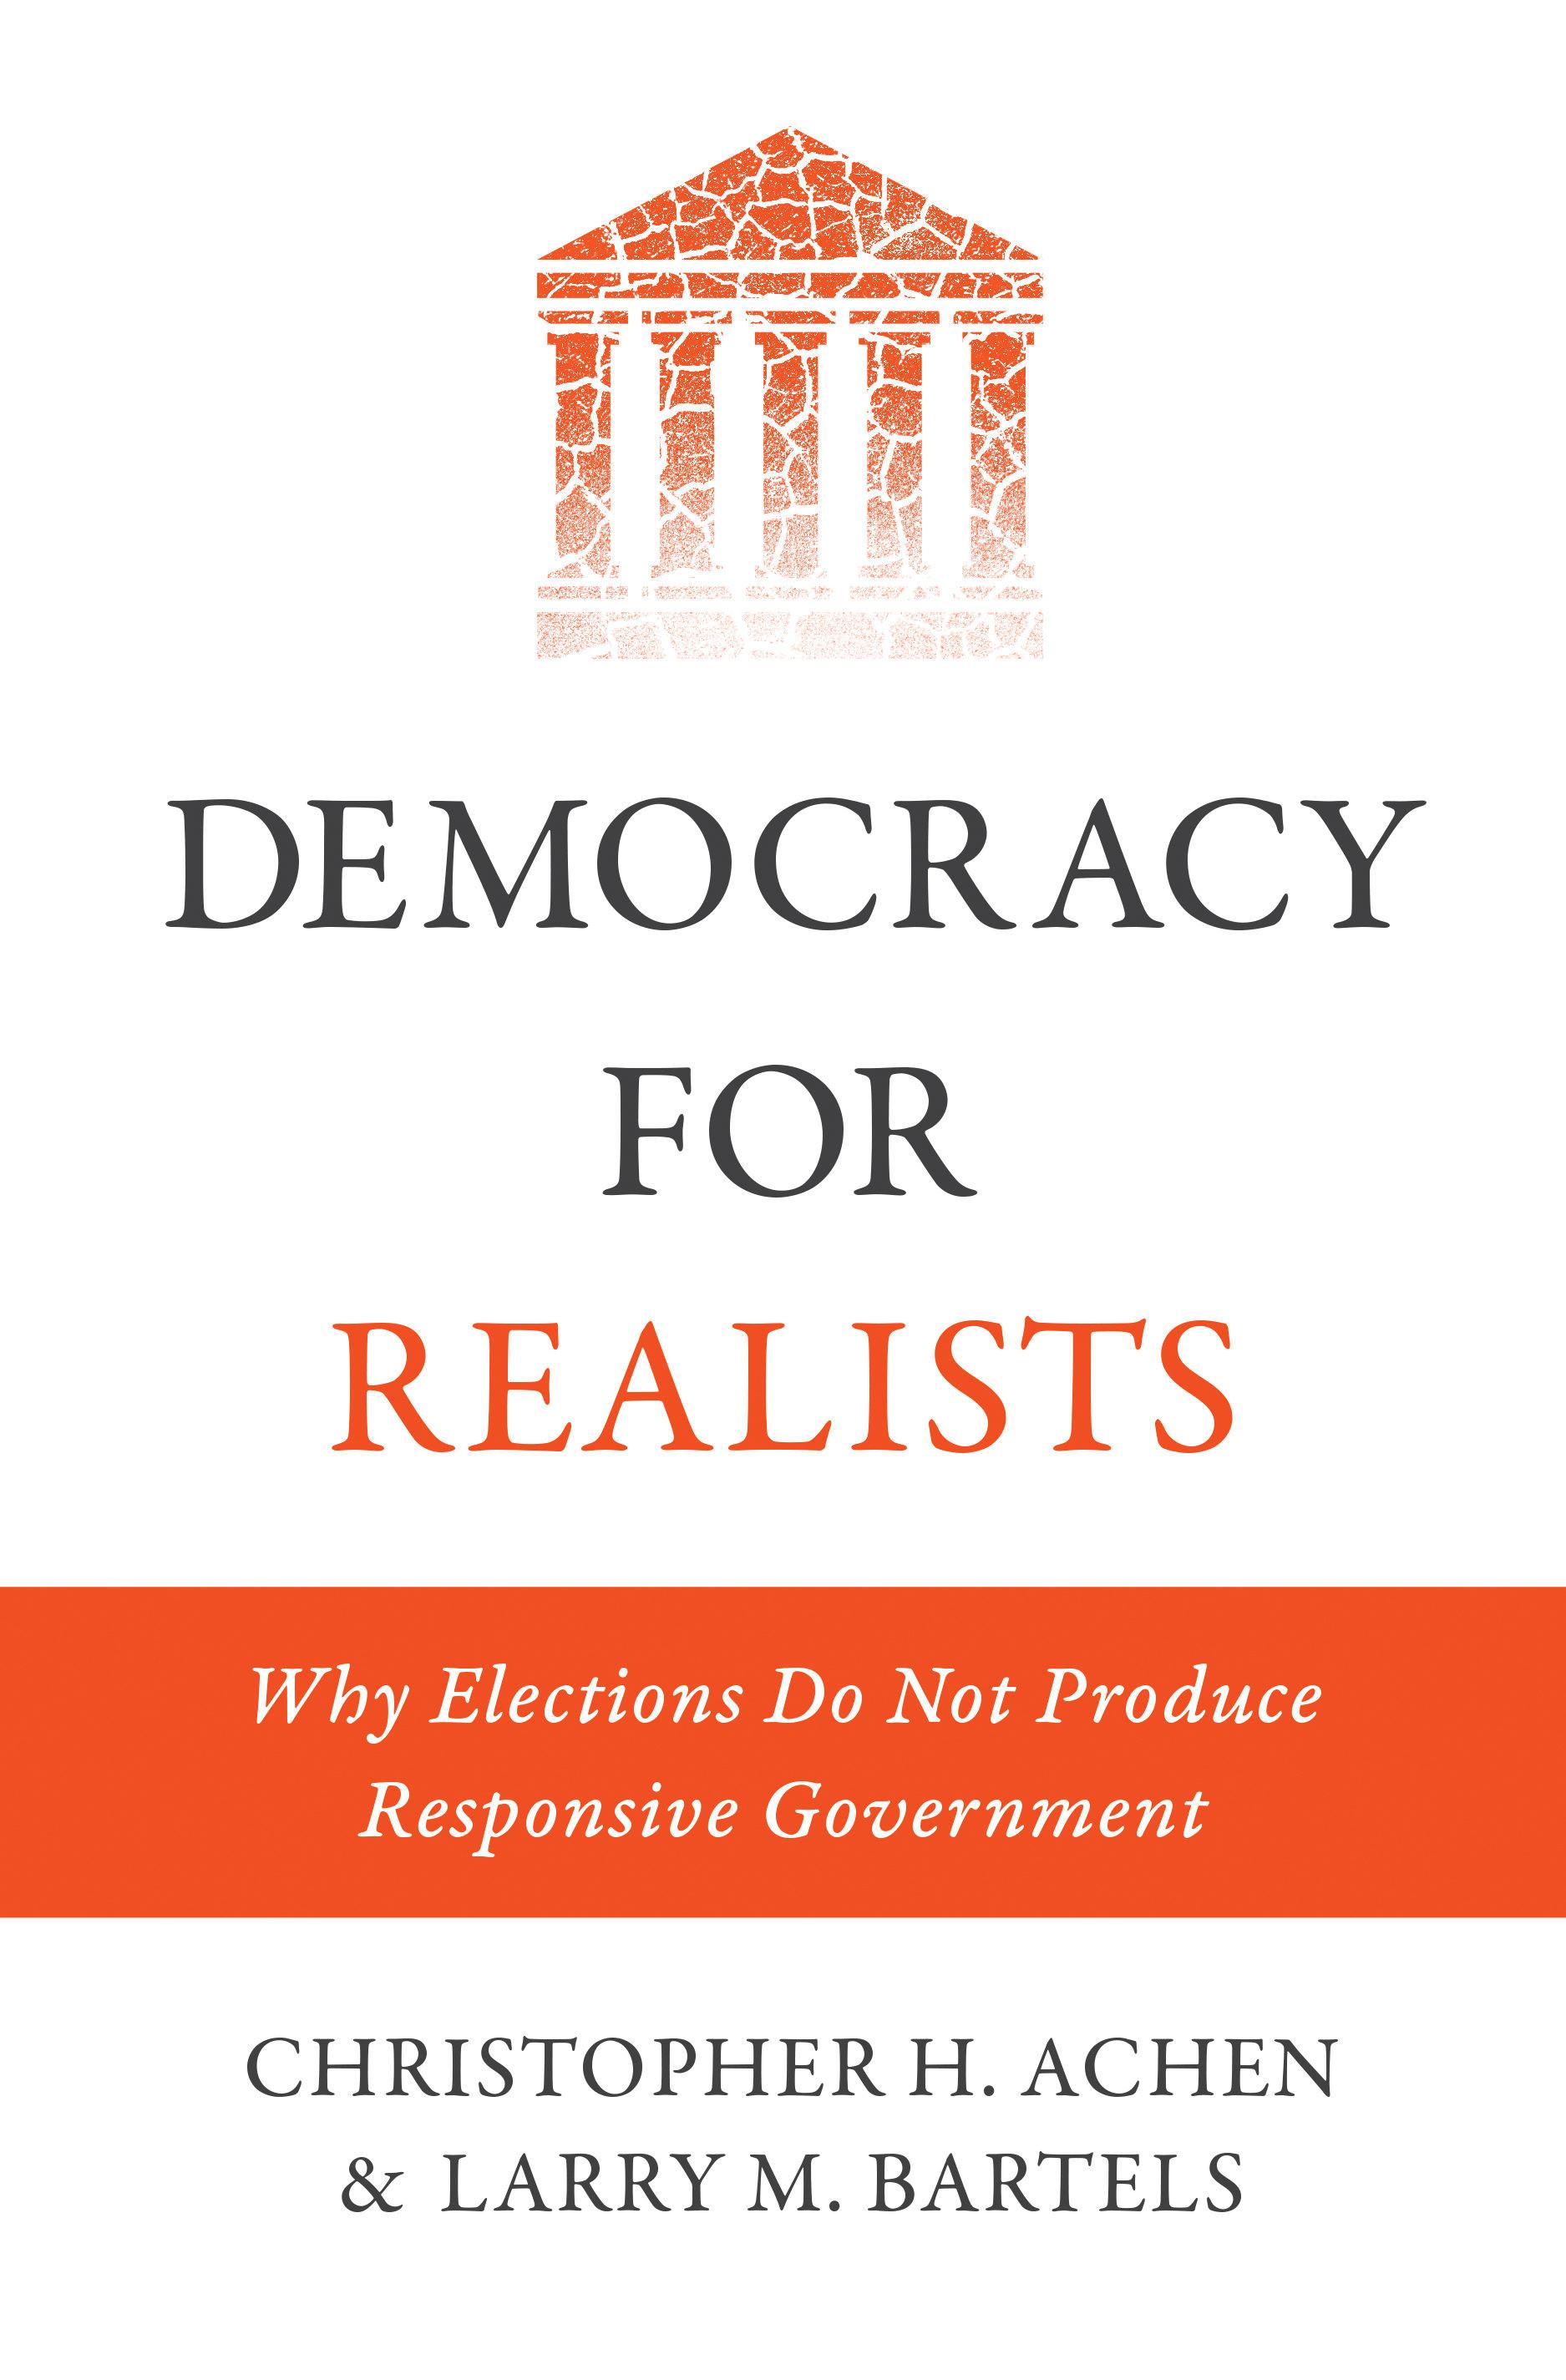 Democracyrealists